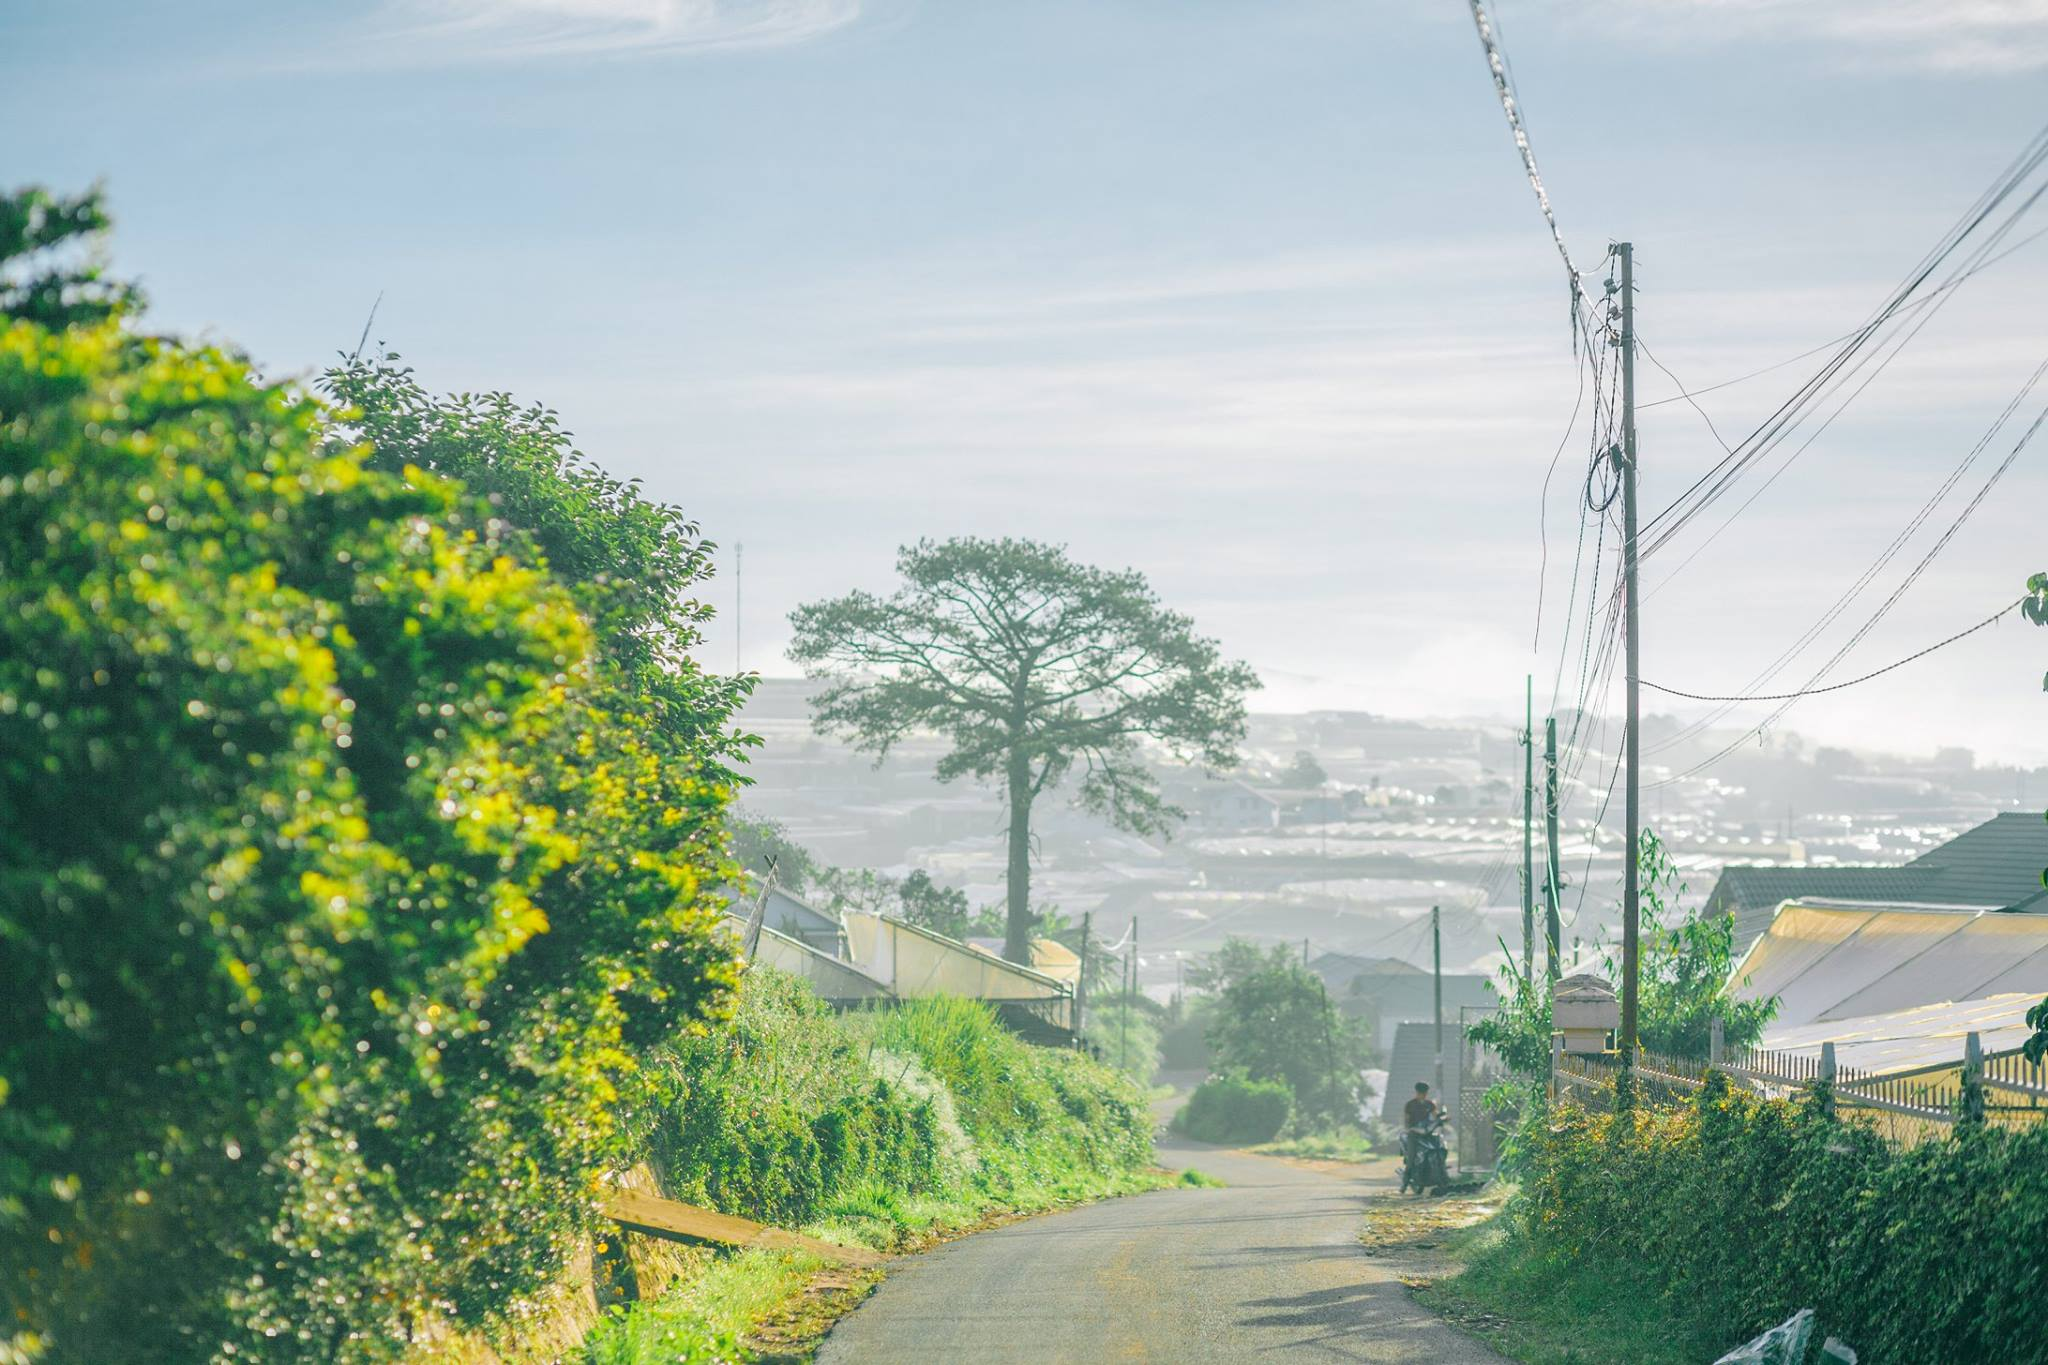 Khám phá lịch sử Đà Lạt - tìm về miền đất ngập tràn sắc hoa nơi phố núi  - Ảnh 8.